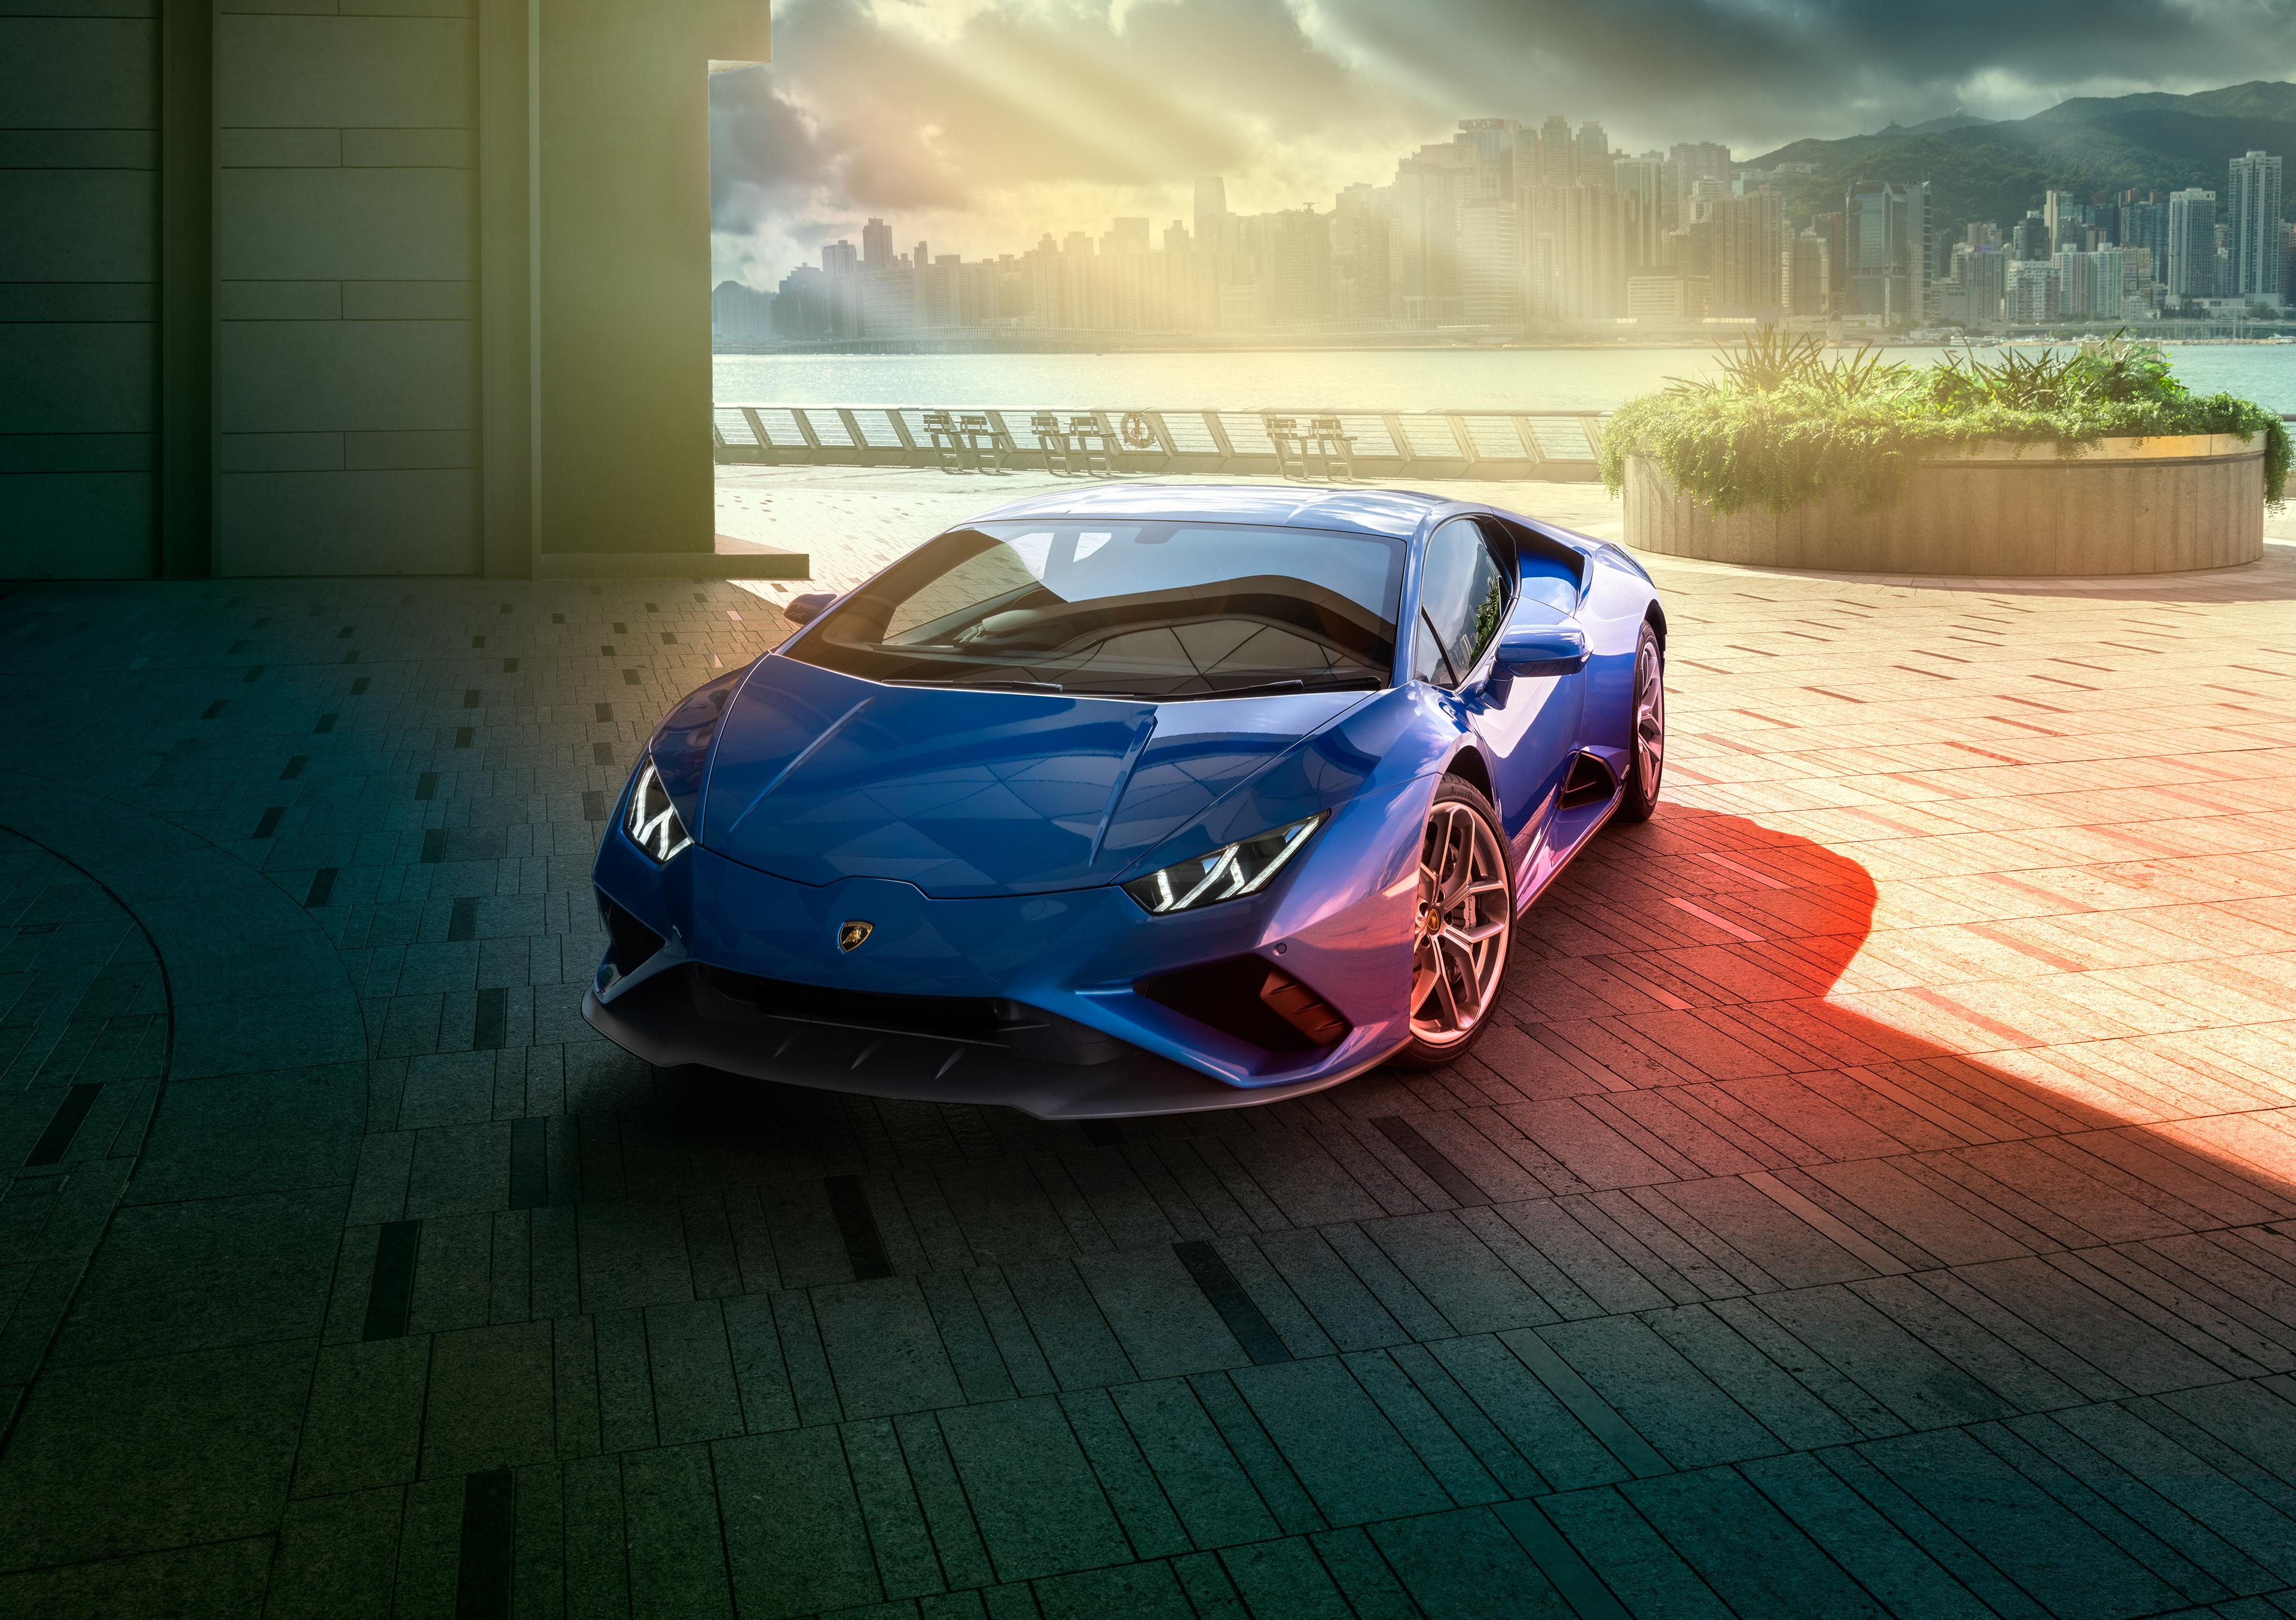 1366x768 Blue Lamborghini Huracan Rear 4k 1366x768 ...